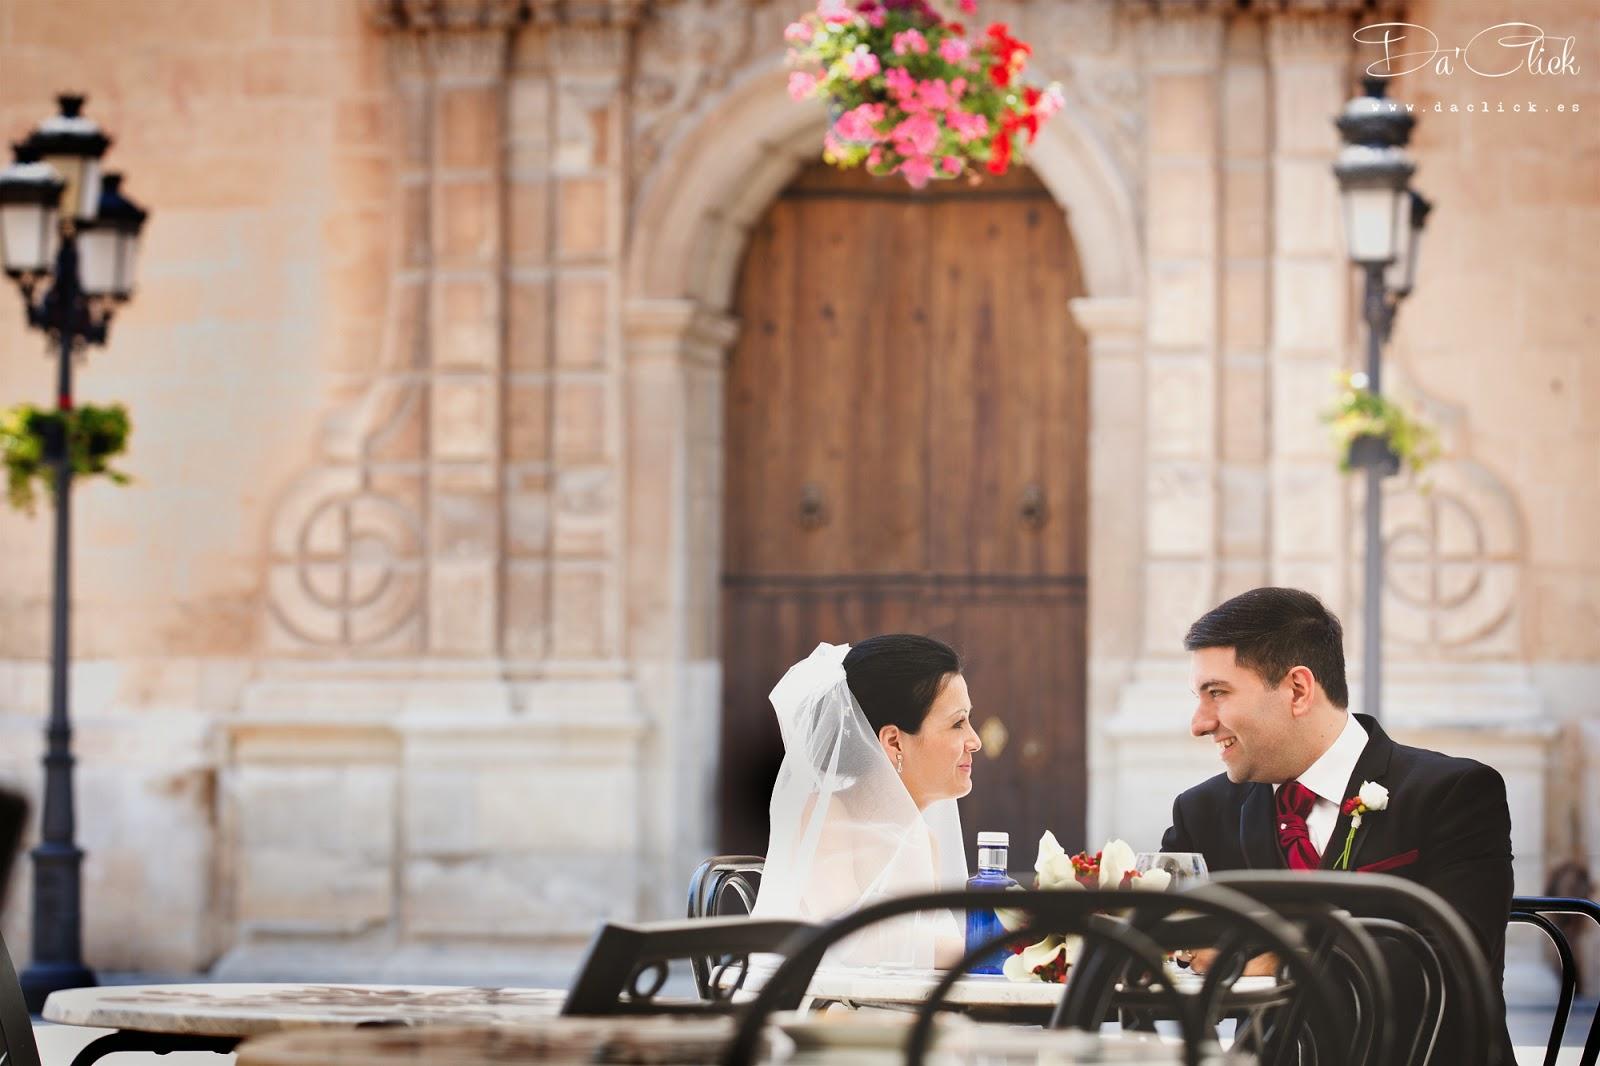 pareja de novios en la plaza del congreso eucaristico de elche